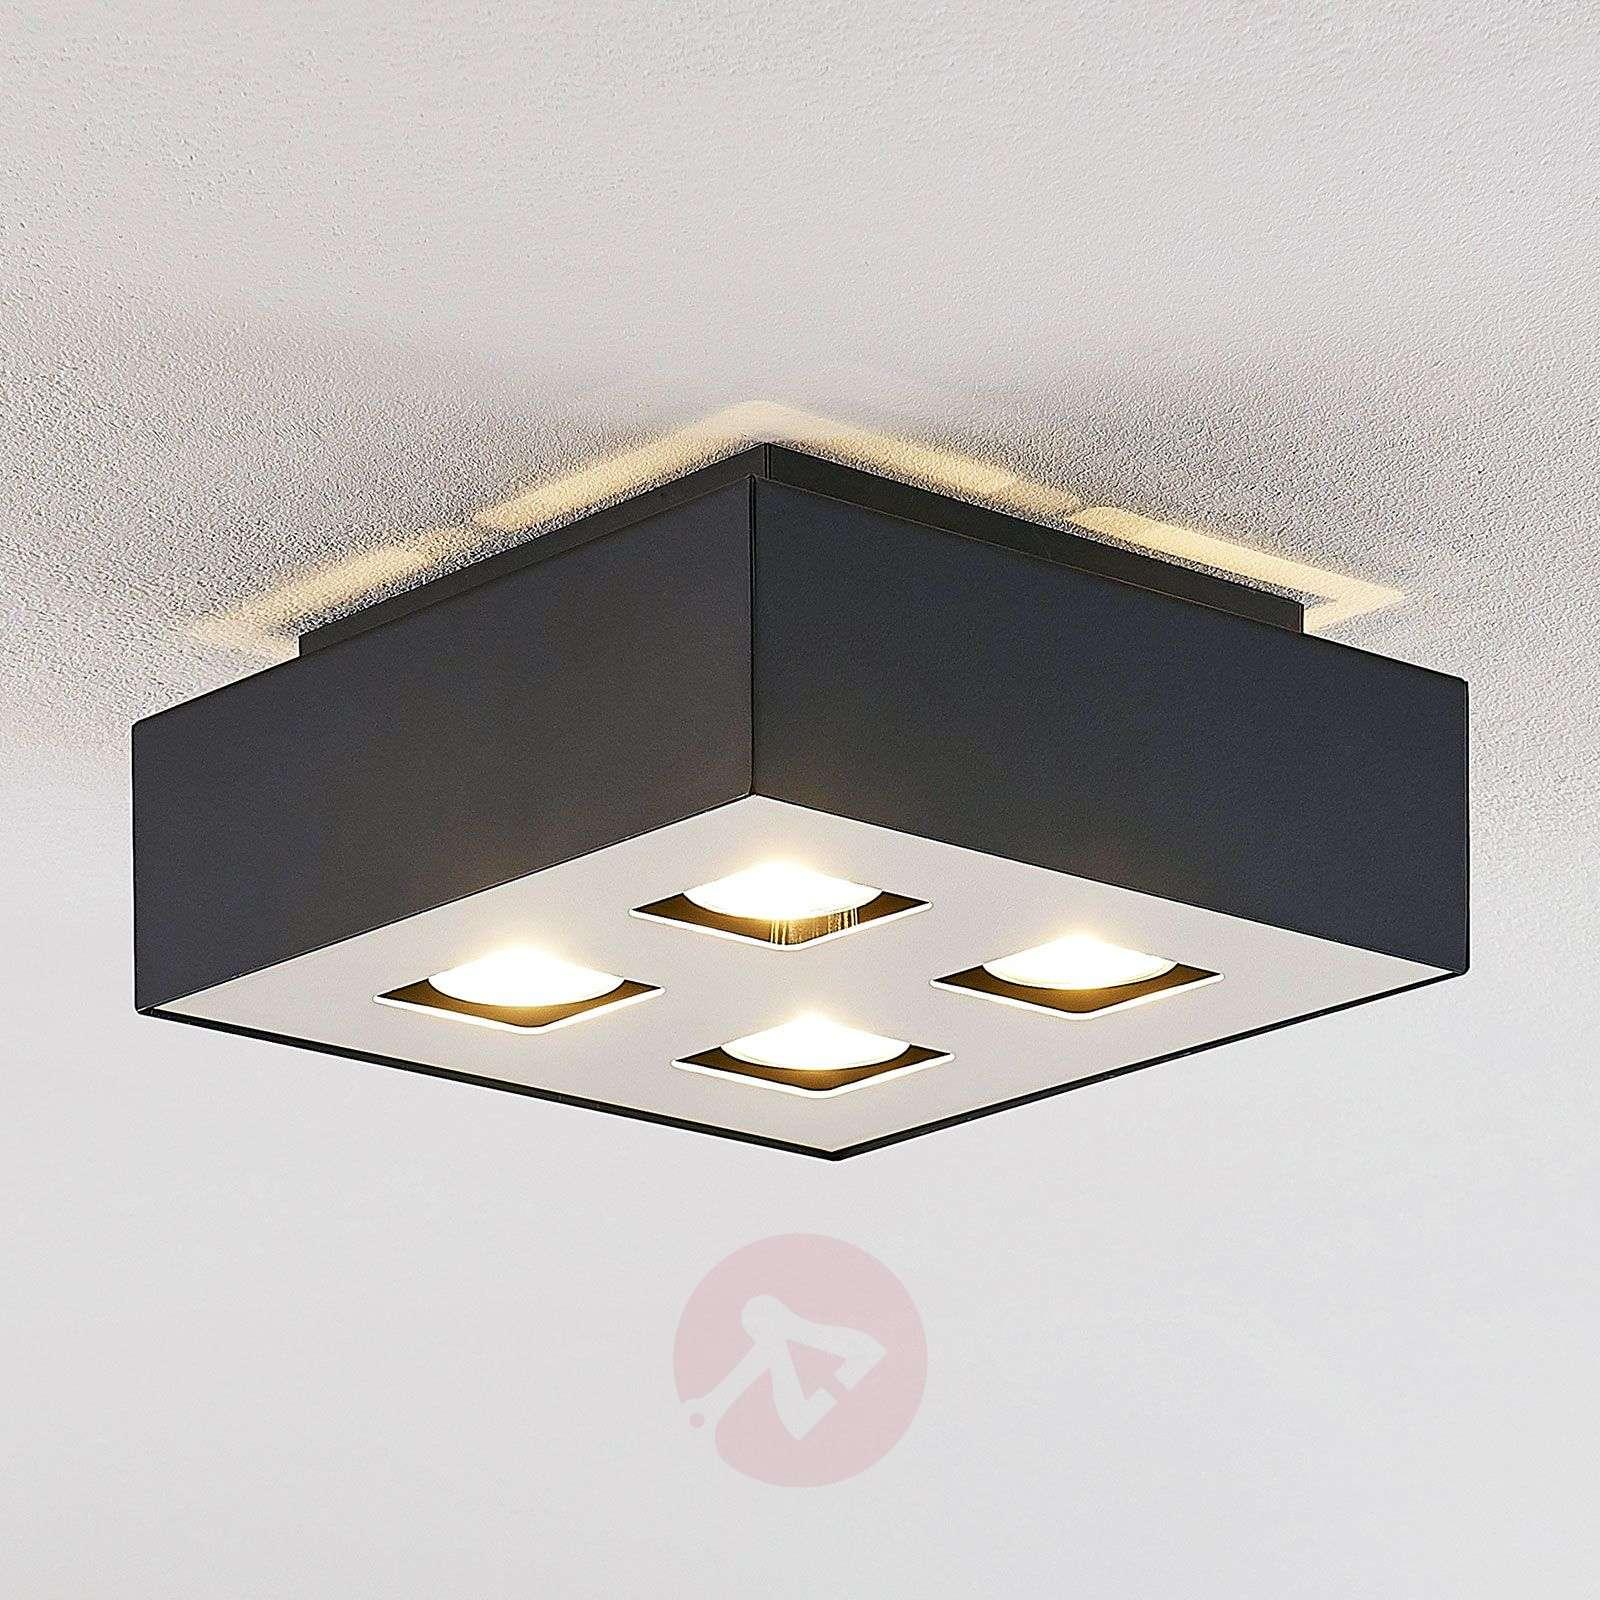 Lindby Kasi kattovalaisin 4-lamppuinen, 24 x 24 cm